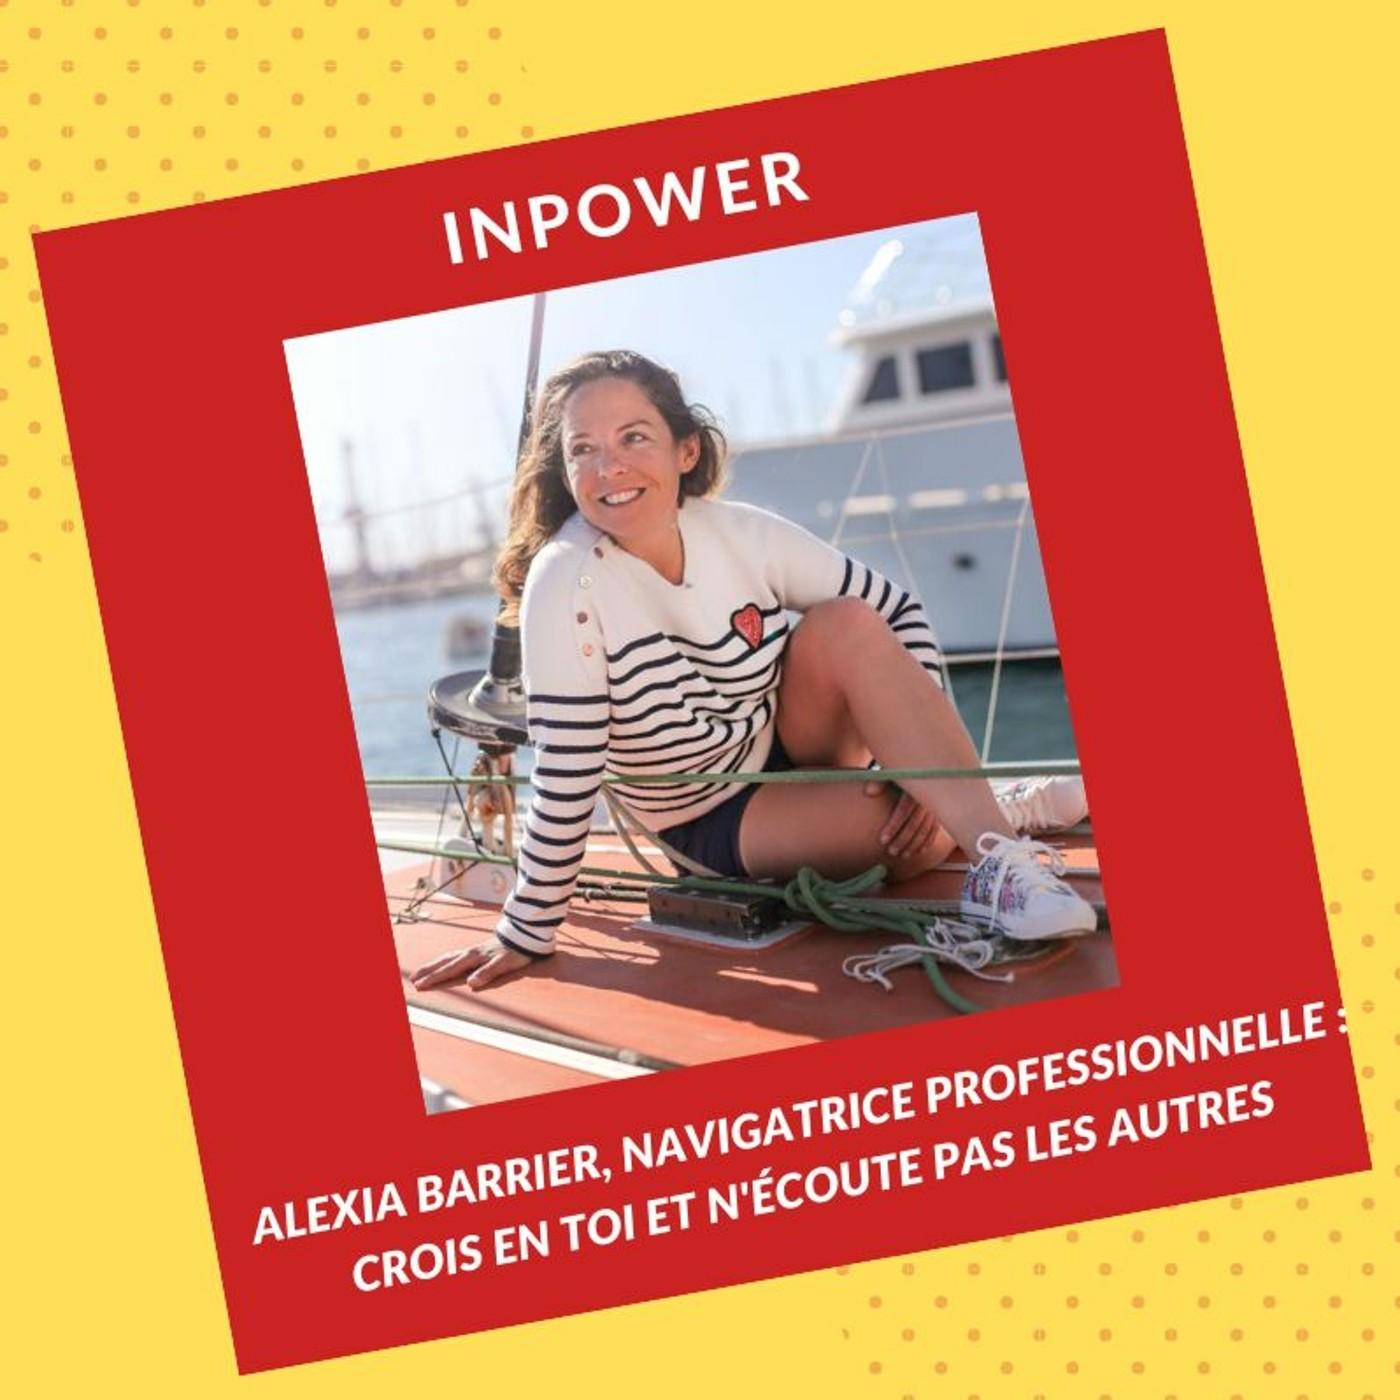 Alexia Barrier, Navigatrice professionnelle : Crois en toi et n'écoute pas les autres